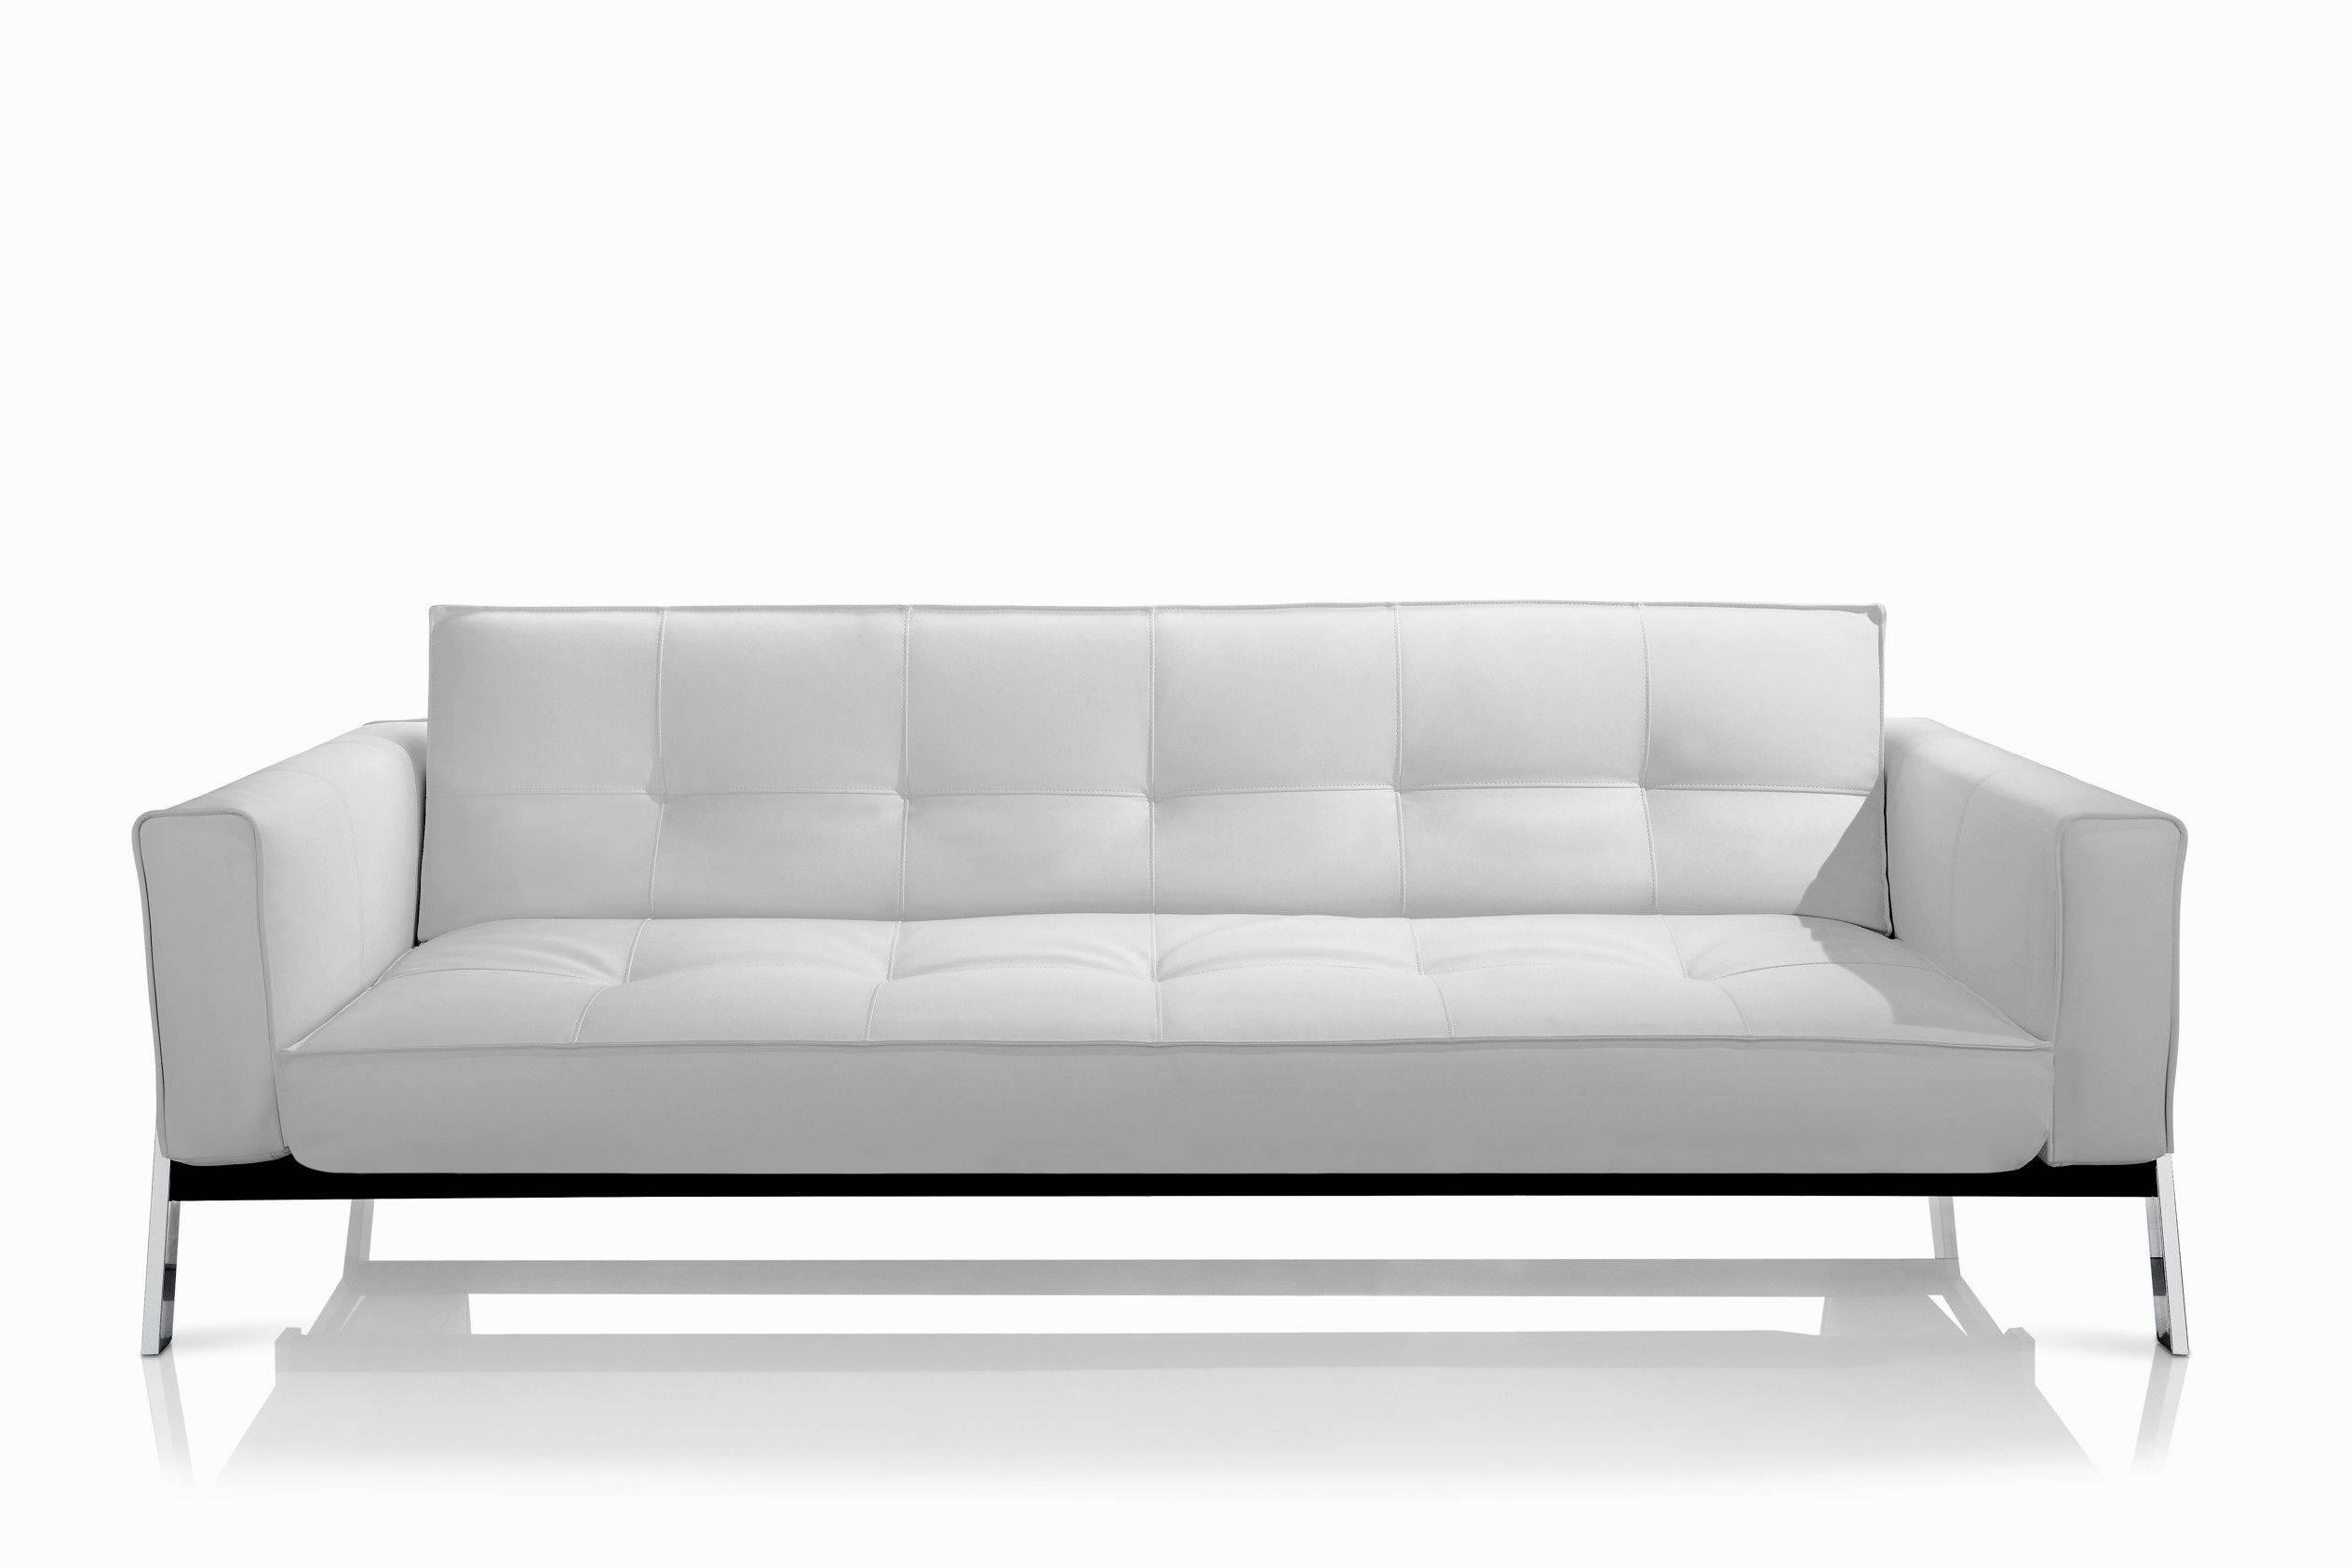 Long Modern Sofa Long Sofa Alluring Cravt Original Nexus Model Max throughout Long Modern Sofas (Image 17 of 30)